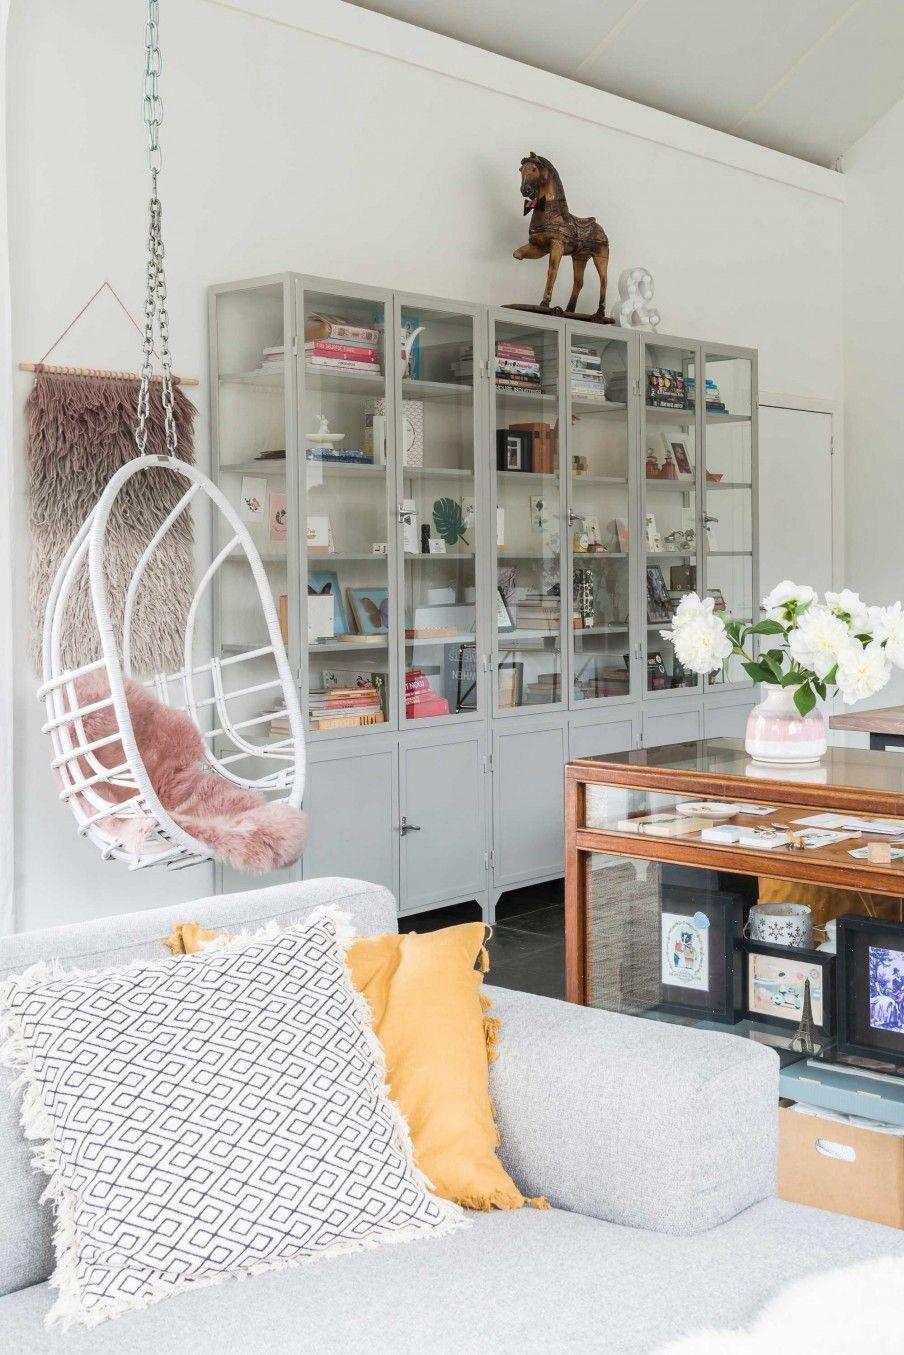 Woonkamer met grijze bank en witte hangstoel | Living room with grey ...